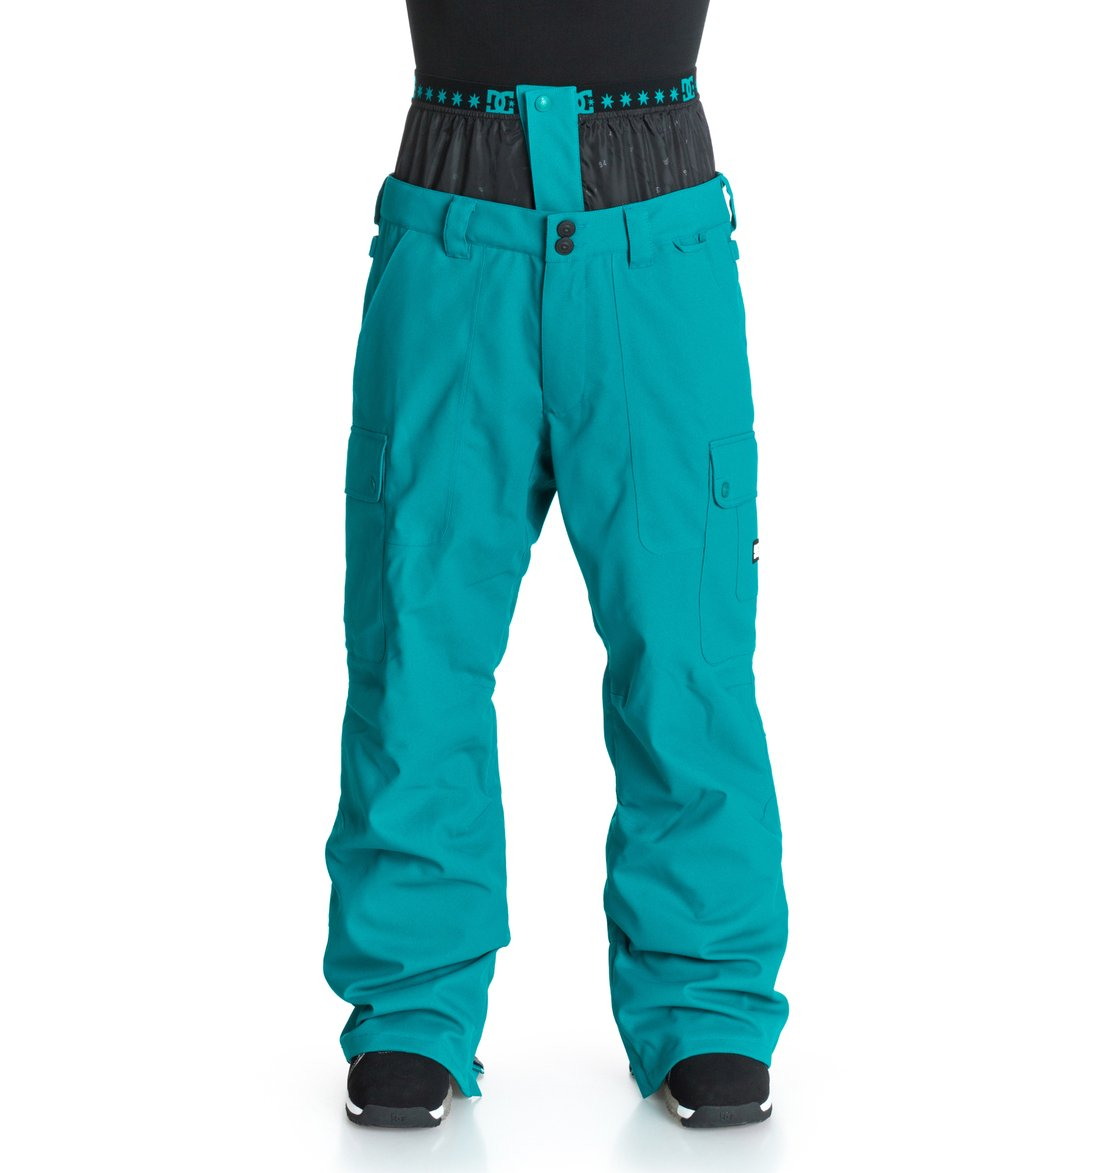 Donon - DcshoesМужские сноубордические штаны Donon от DC Shoes. <br>ХАРАКТЕРИСТИКИ: полностью проклеенные швы, вентиляция с вставками из сетки, гейтер для сапога из тафты, регулировка пояса изнутри, эластичный мягкий пояс, клиновидные вставки на кнопке внизу штанин, система крепления куртки к штанам, держатель для скипасса, боковые карманы на молнии, эргономичные «стрелки» на коленях, набедренная панель, карманы-карго на молнии с выведенной в них системой подтягивания края штанин, задние карманы на молнии и на липучке Velcro. <br>СОСТАВ: 100% полиэстер.<br>